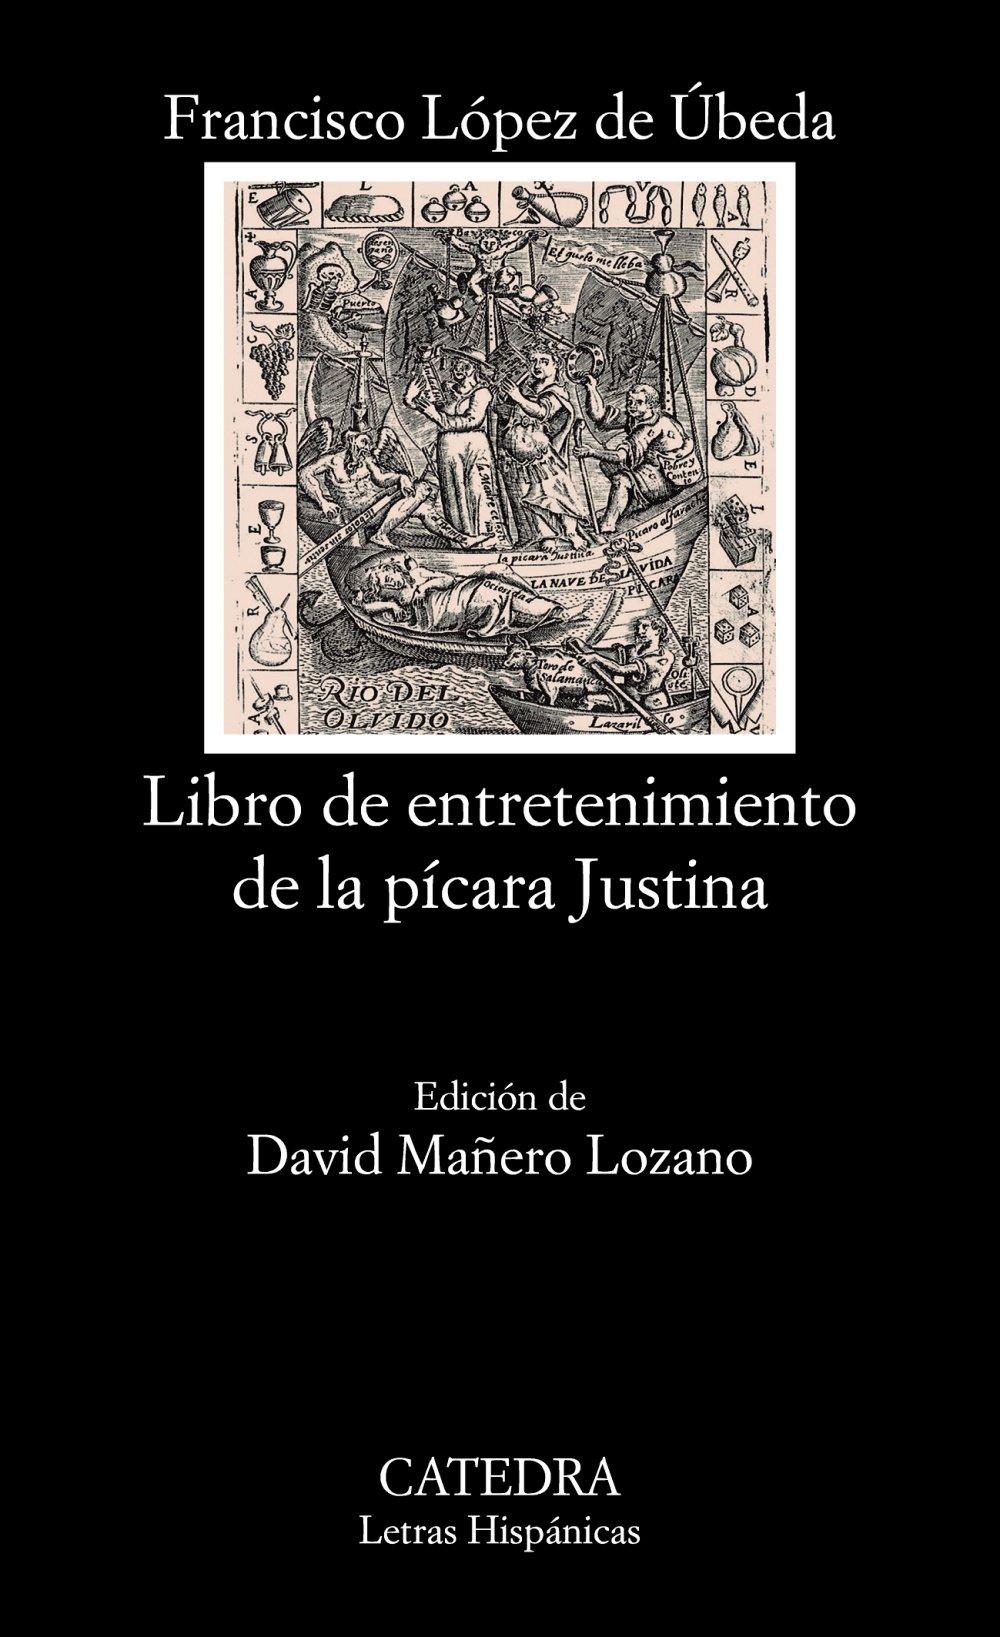 Libro de entretenimiento de la pícara Justina Letras Hispánicas: Amazon.es: Francisco López de Úbeda: Libros